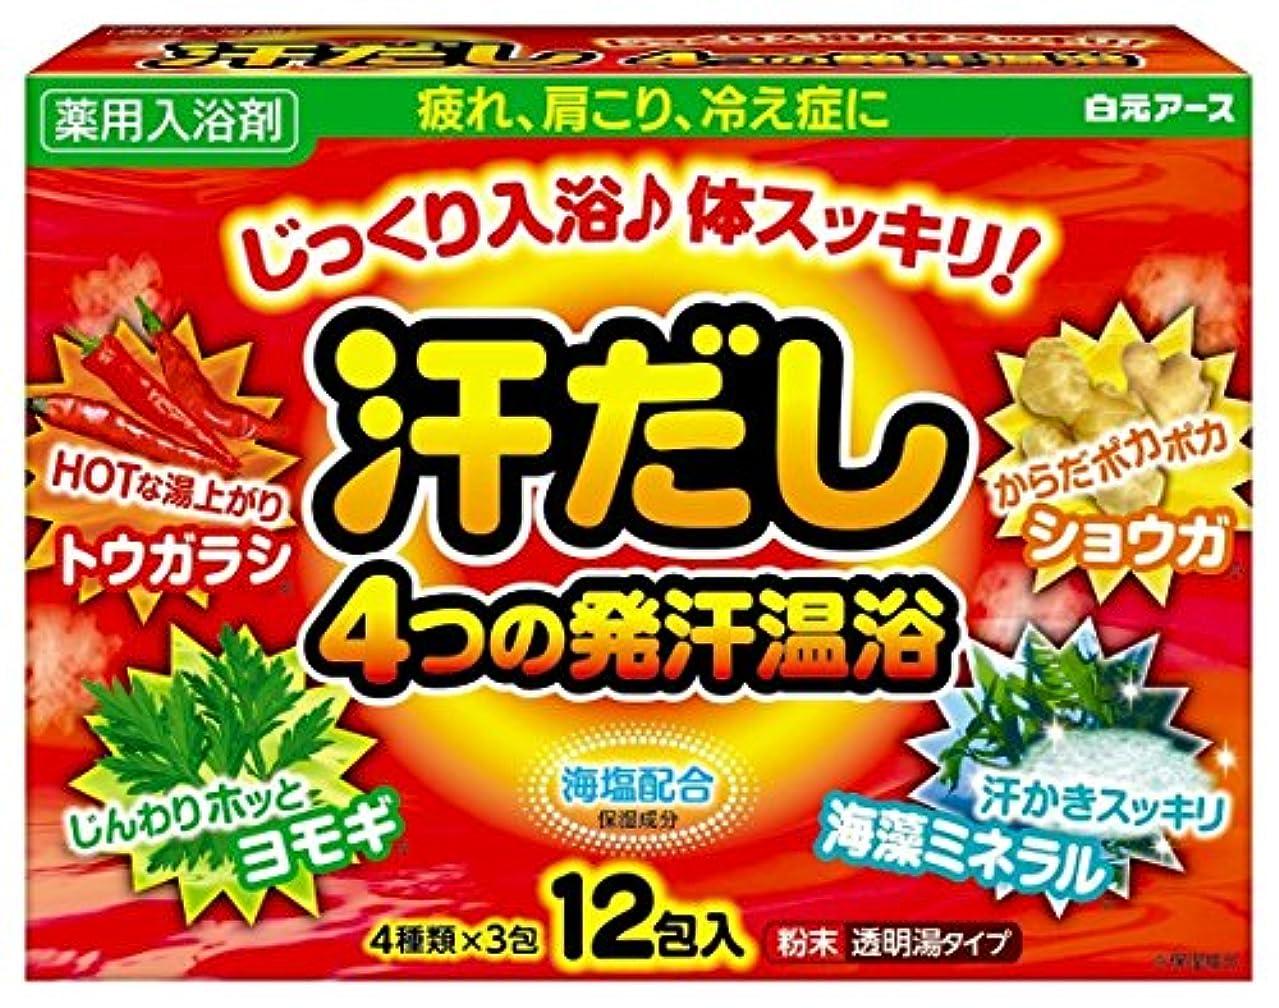 性的組柔らかい薬用入浴剤 汗だし4つの発汗温浴 4種類×3包入